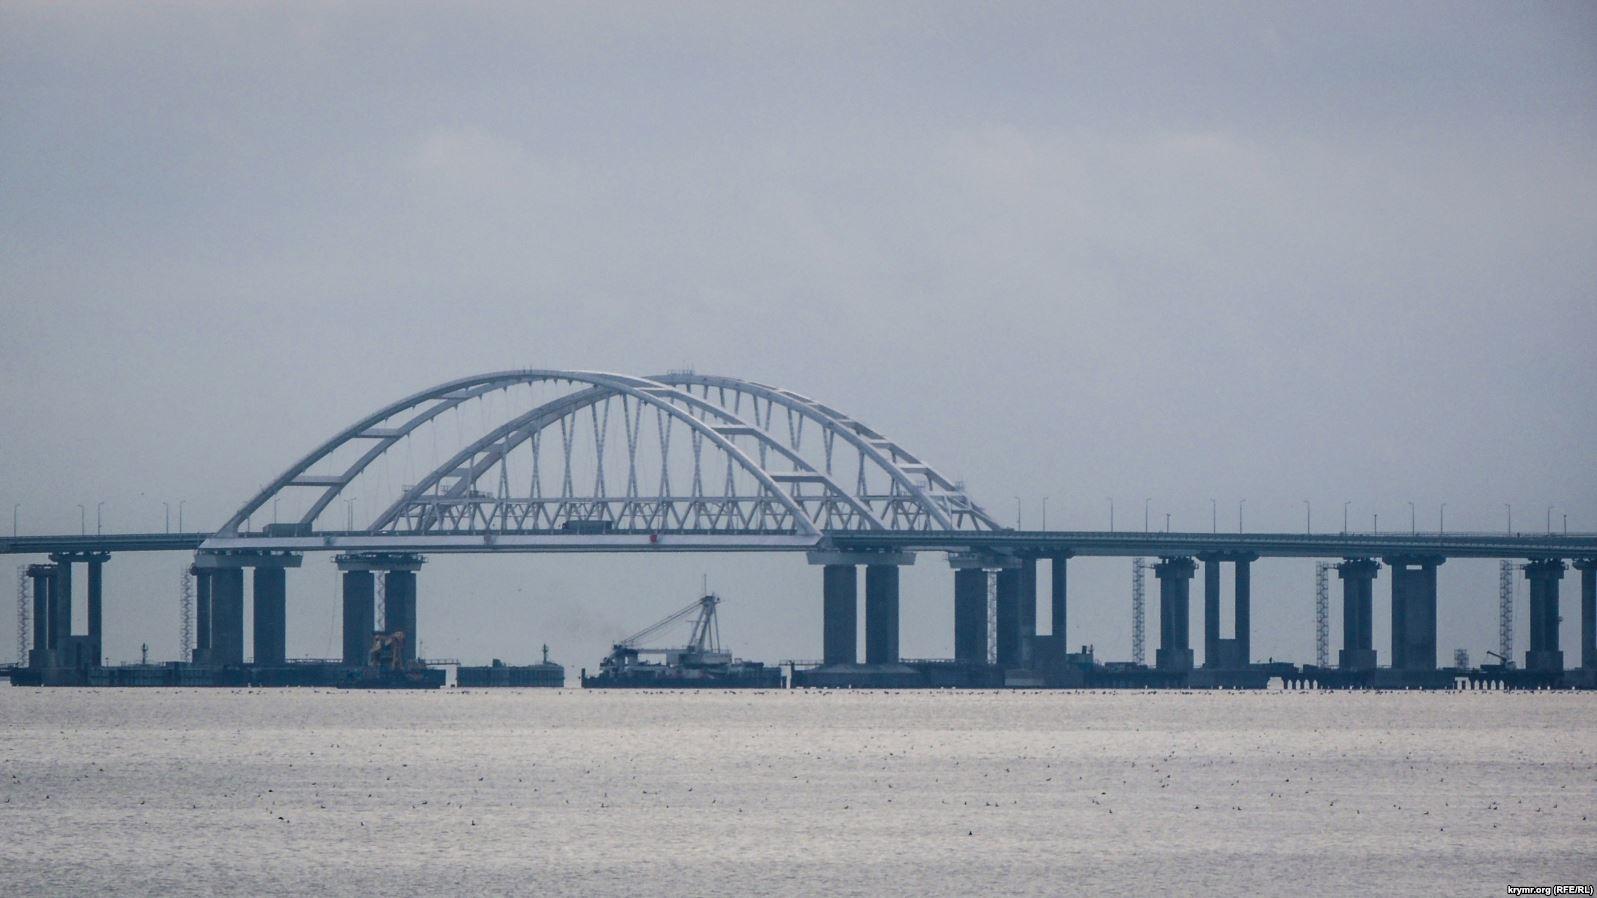 Ситуація катастрофічна: в Україні зробили тривожну заяву про стан Керченського мосту